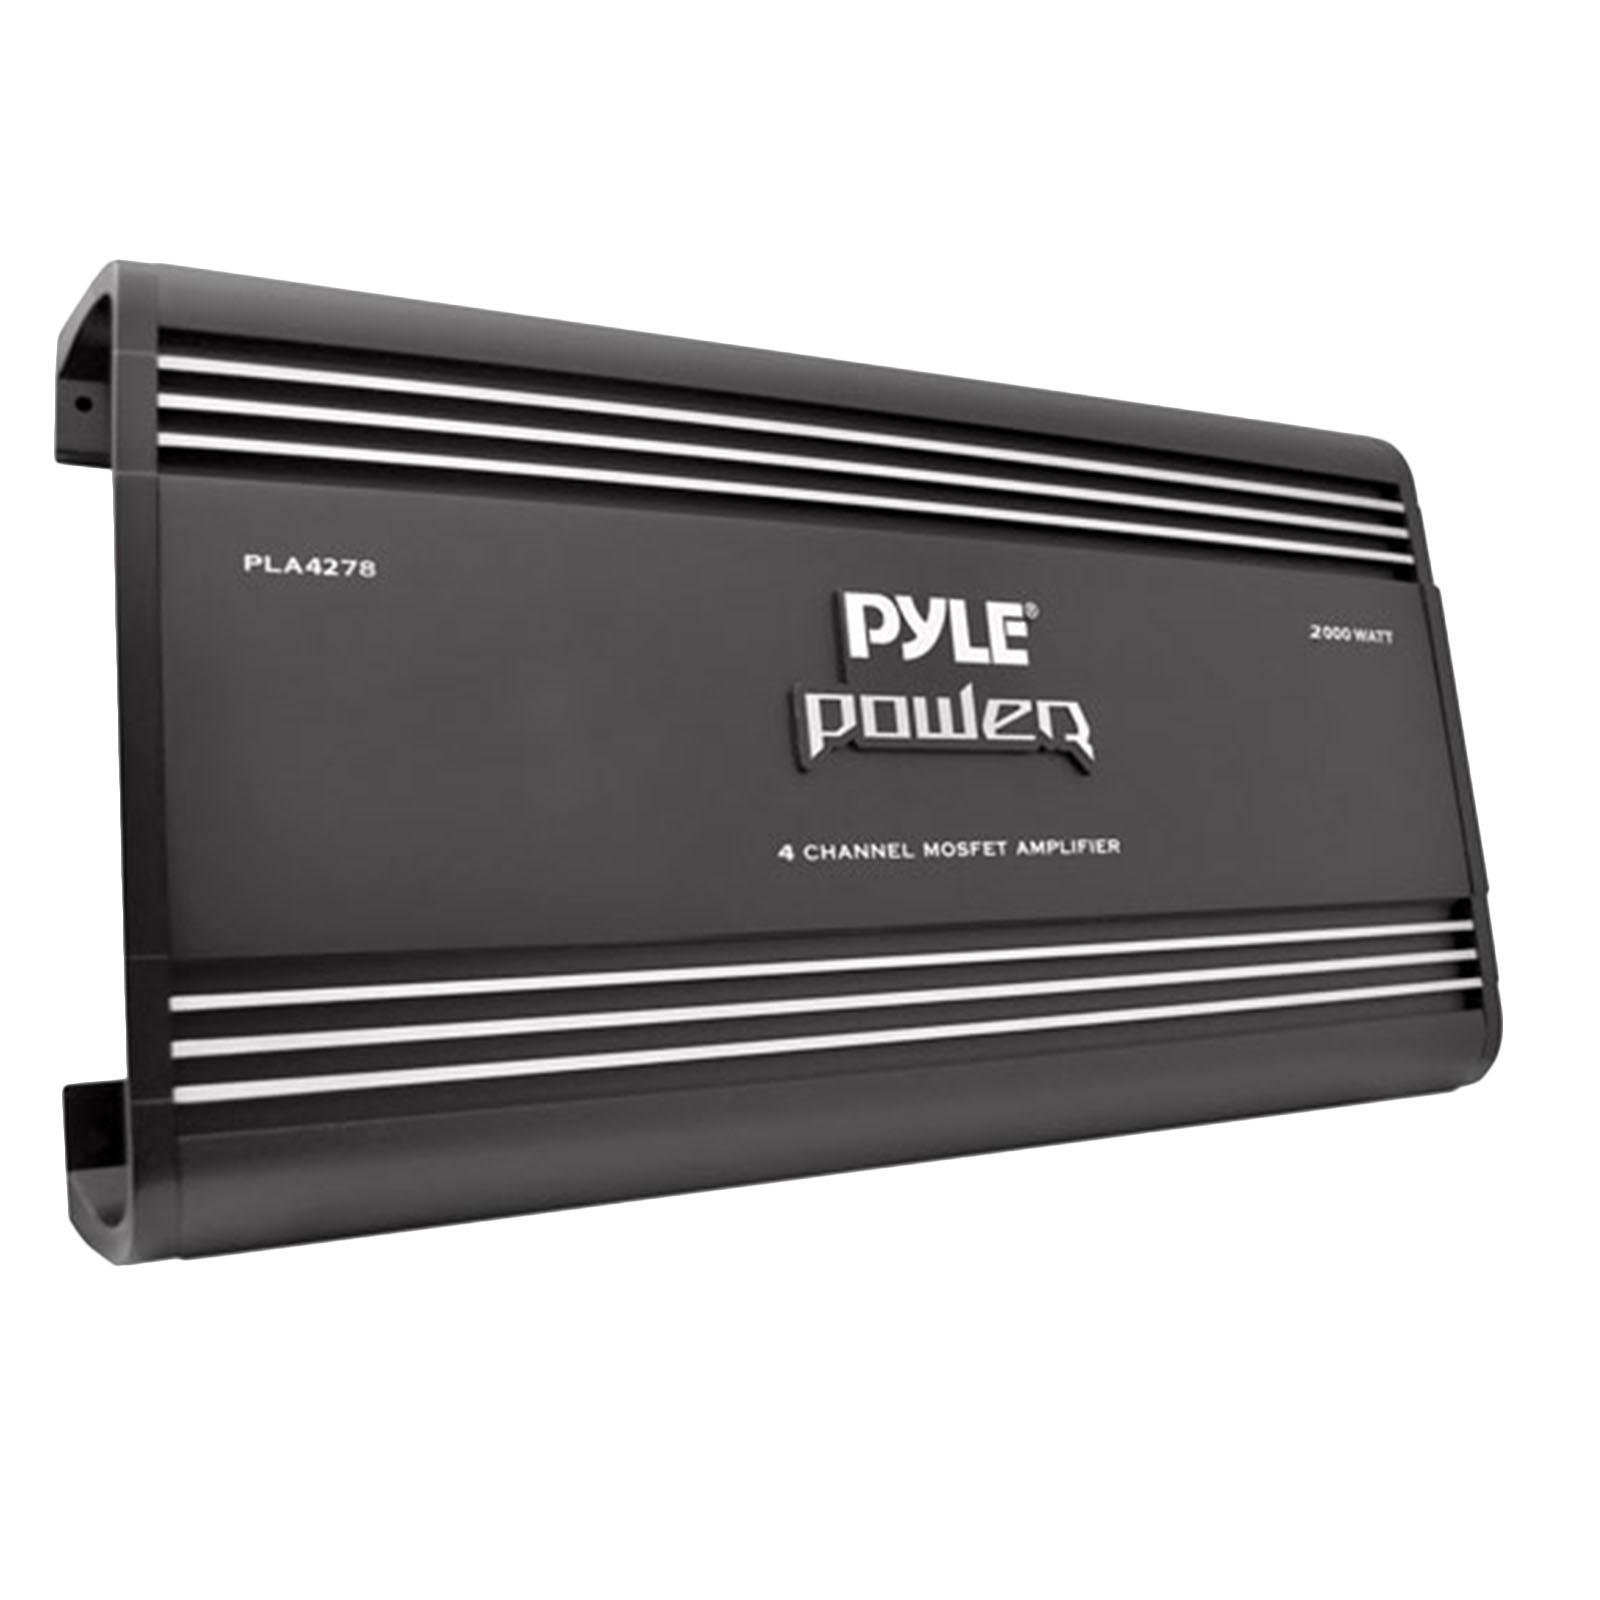 """PYLE PLA4278 - 4"""" Channel 2000 Watt Bridgeable MOSFET Amplifier"""